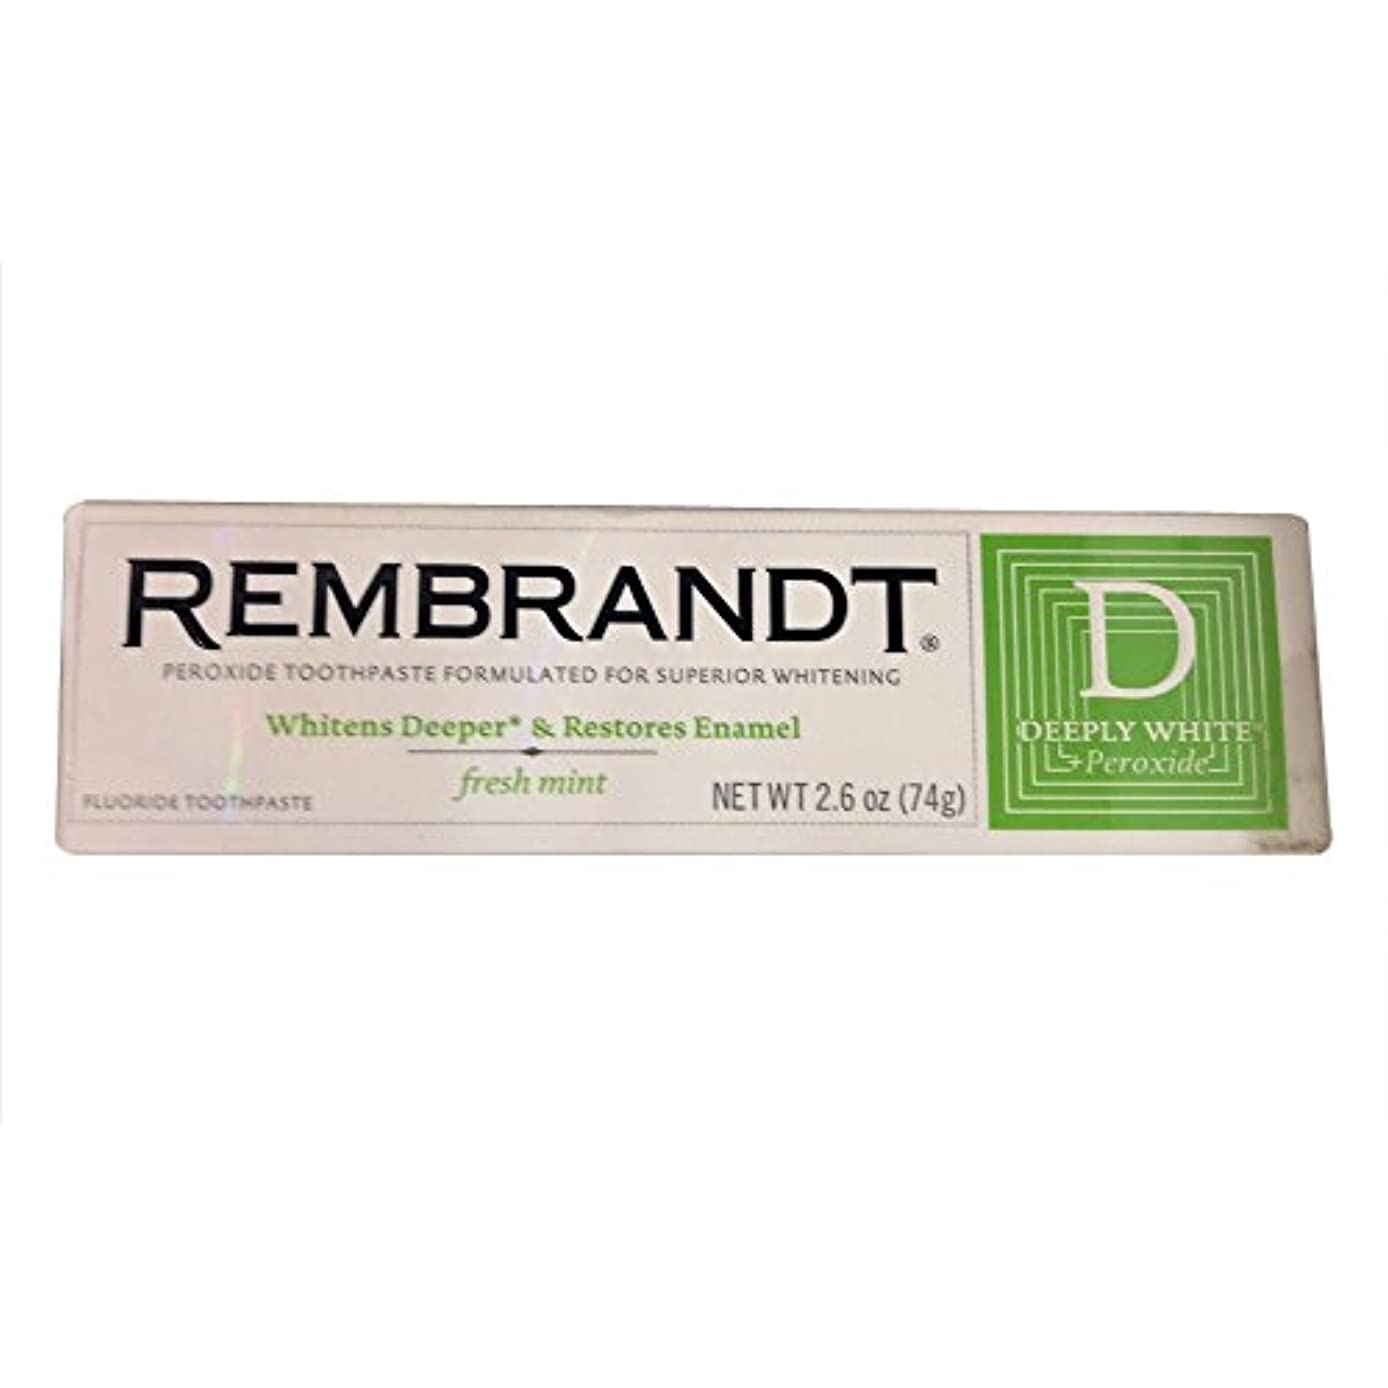 モバイル繁栄発見するRembrandt プラス深くホワイトプラス過酸化フッ化物の歯磨き粉フレッシュミント、2.6オズ、(12パック) 12のパック